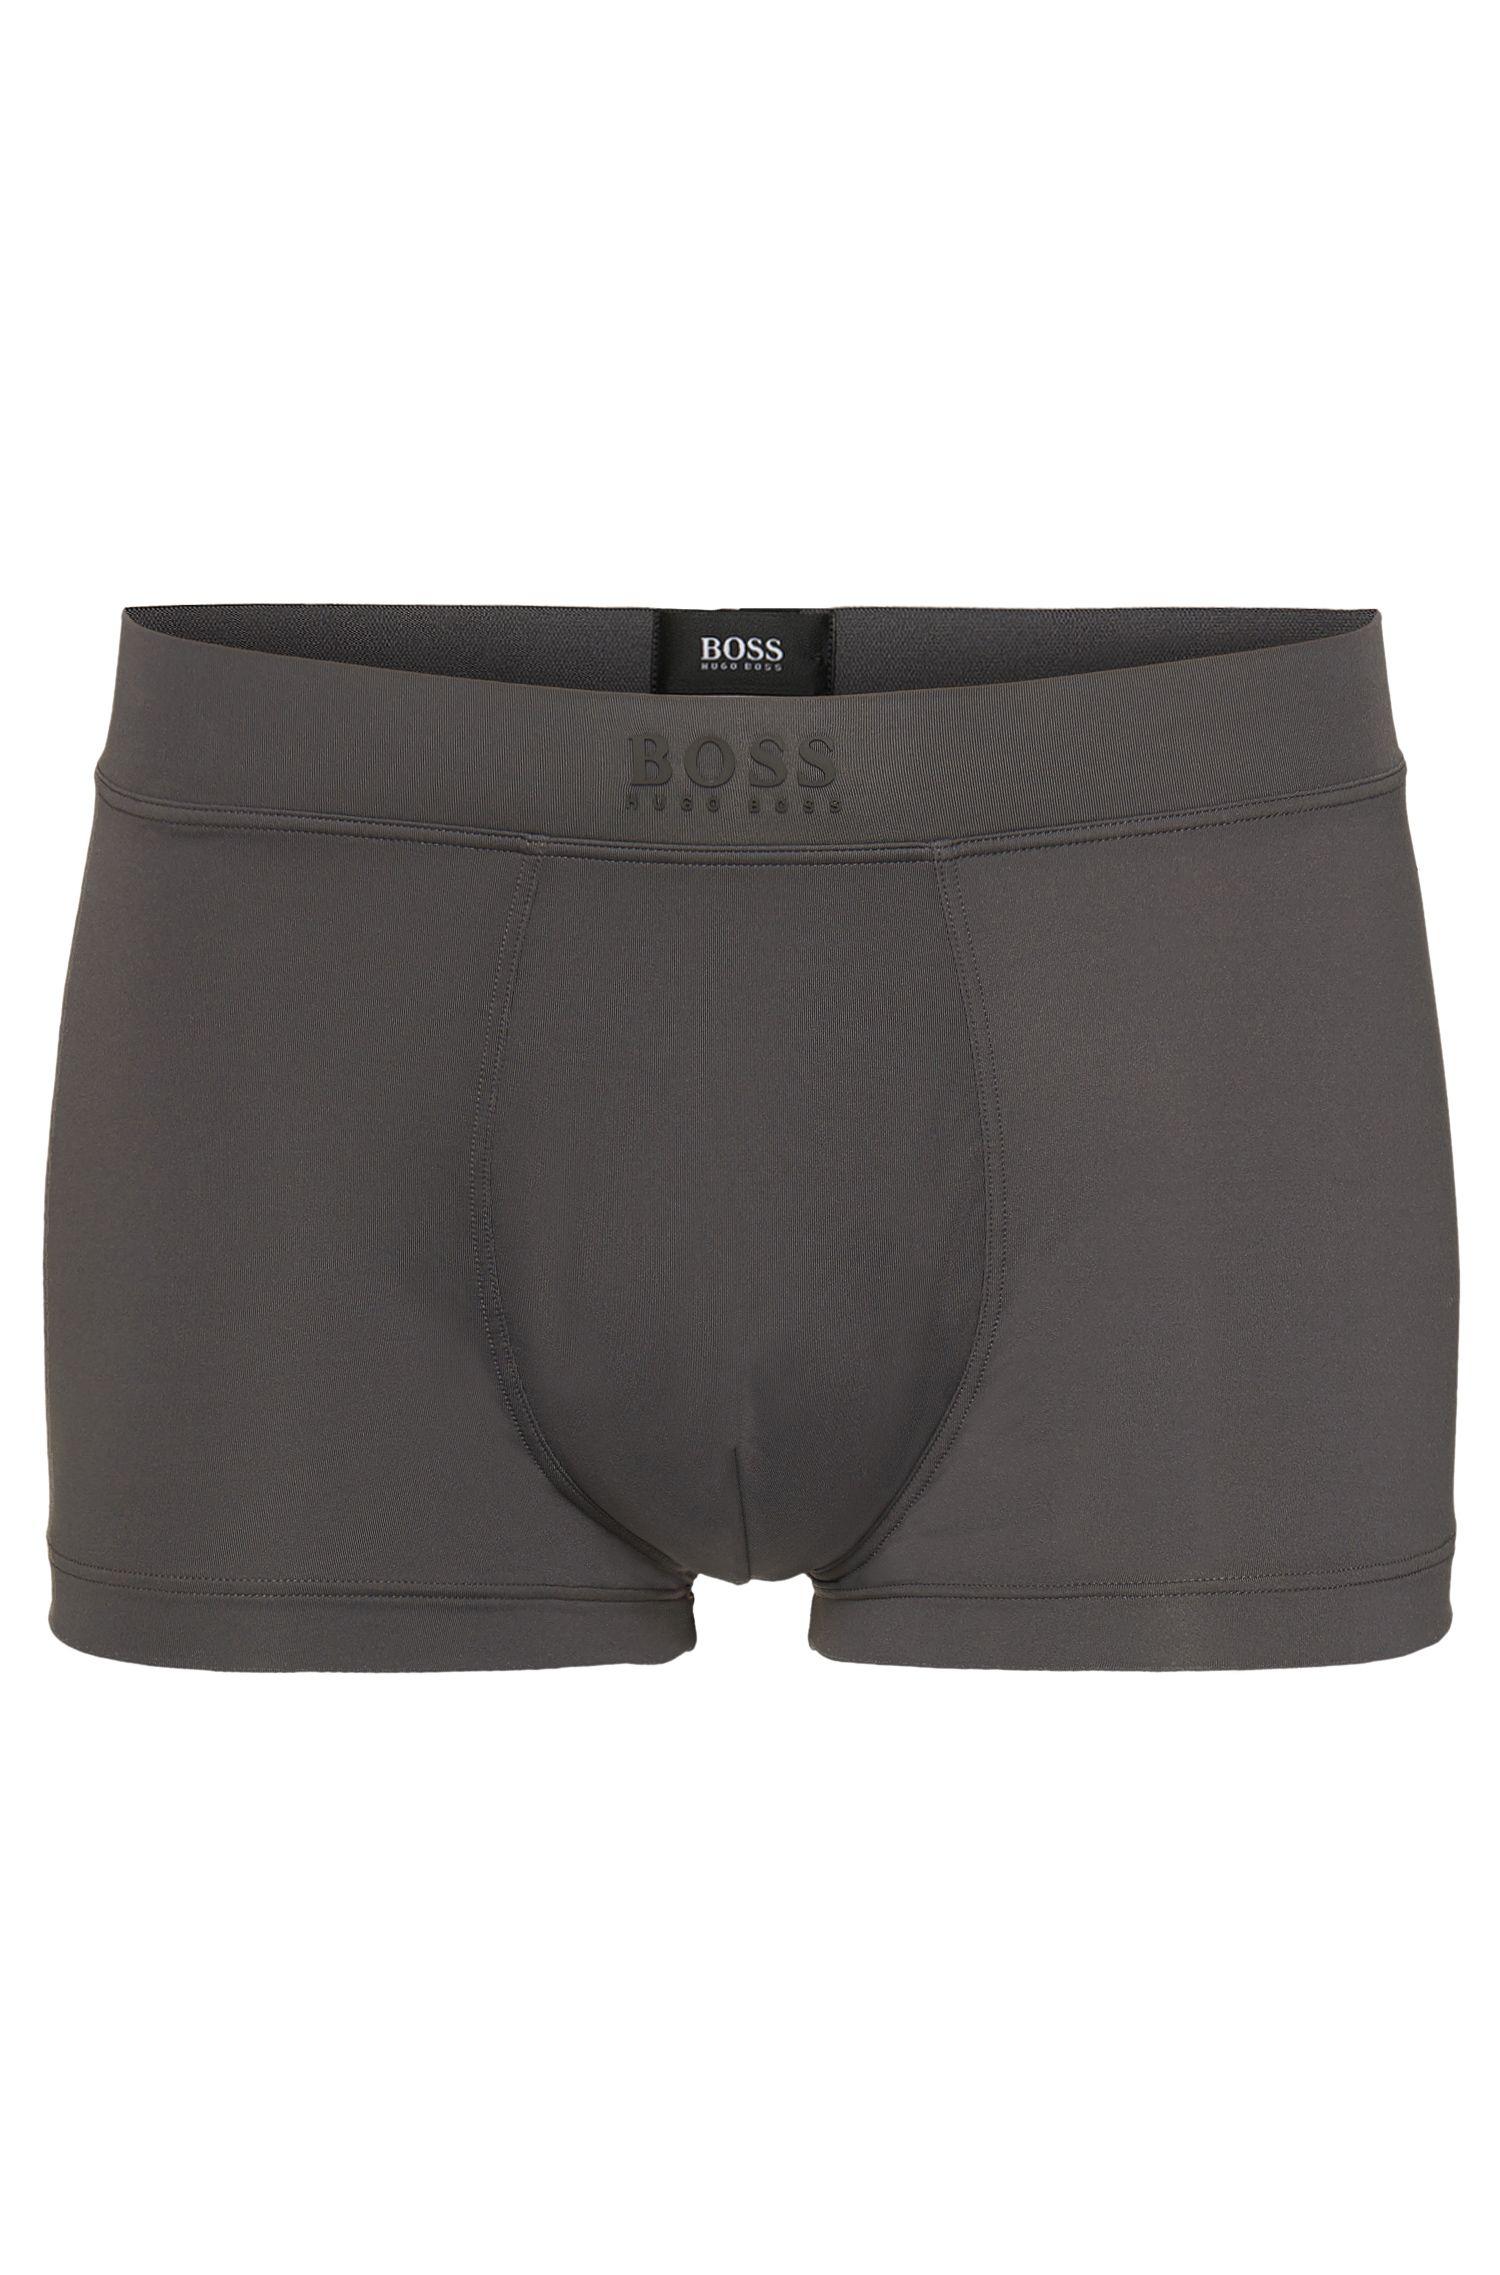 Calzoncillos boxer de tiro normal en tela elástica de BOSS Hombre